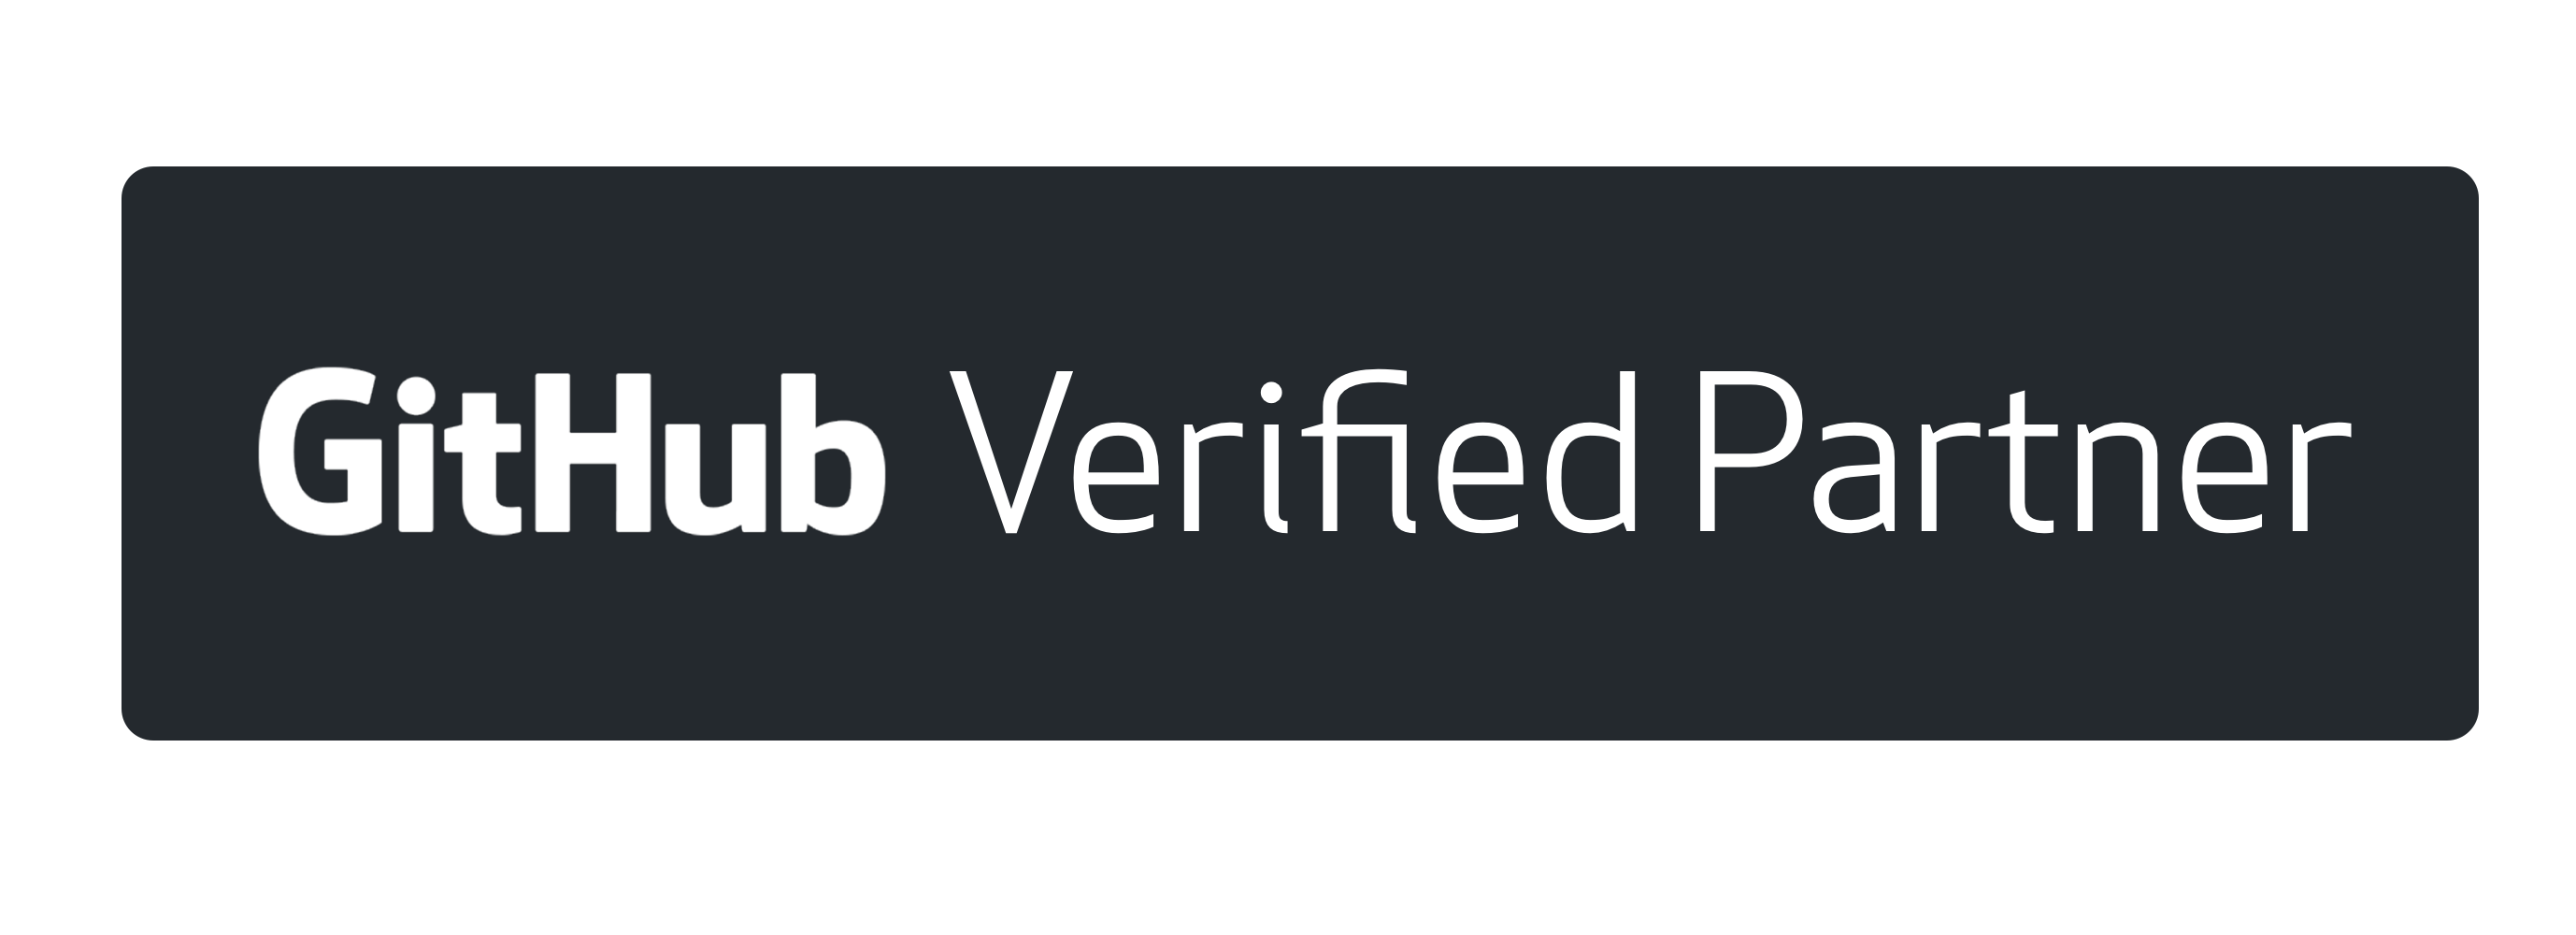 GitHub Verified Partner - black